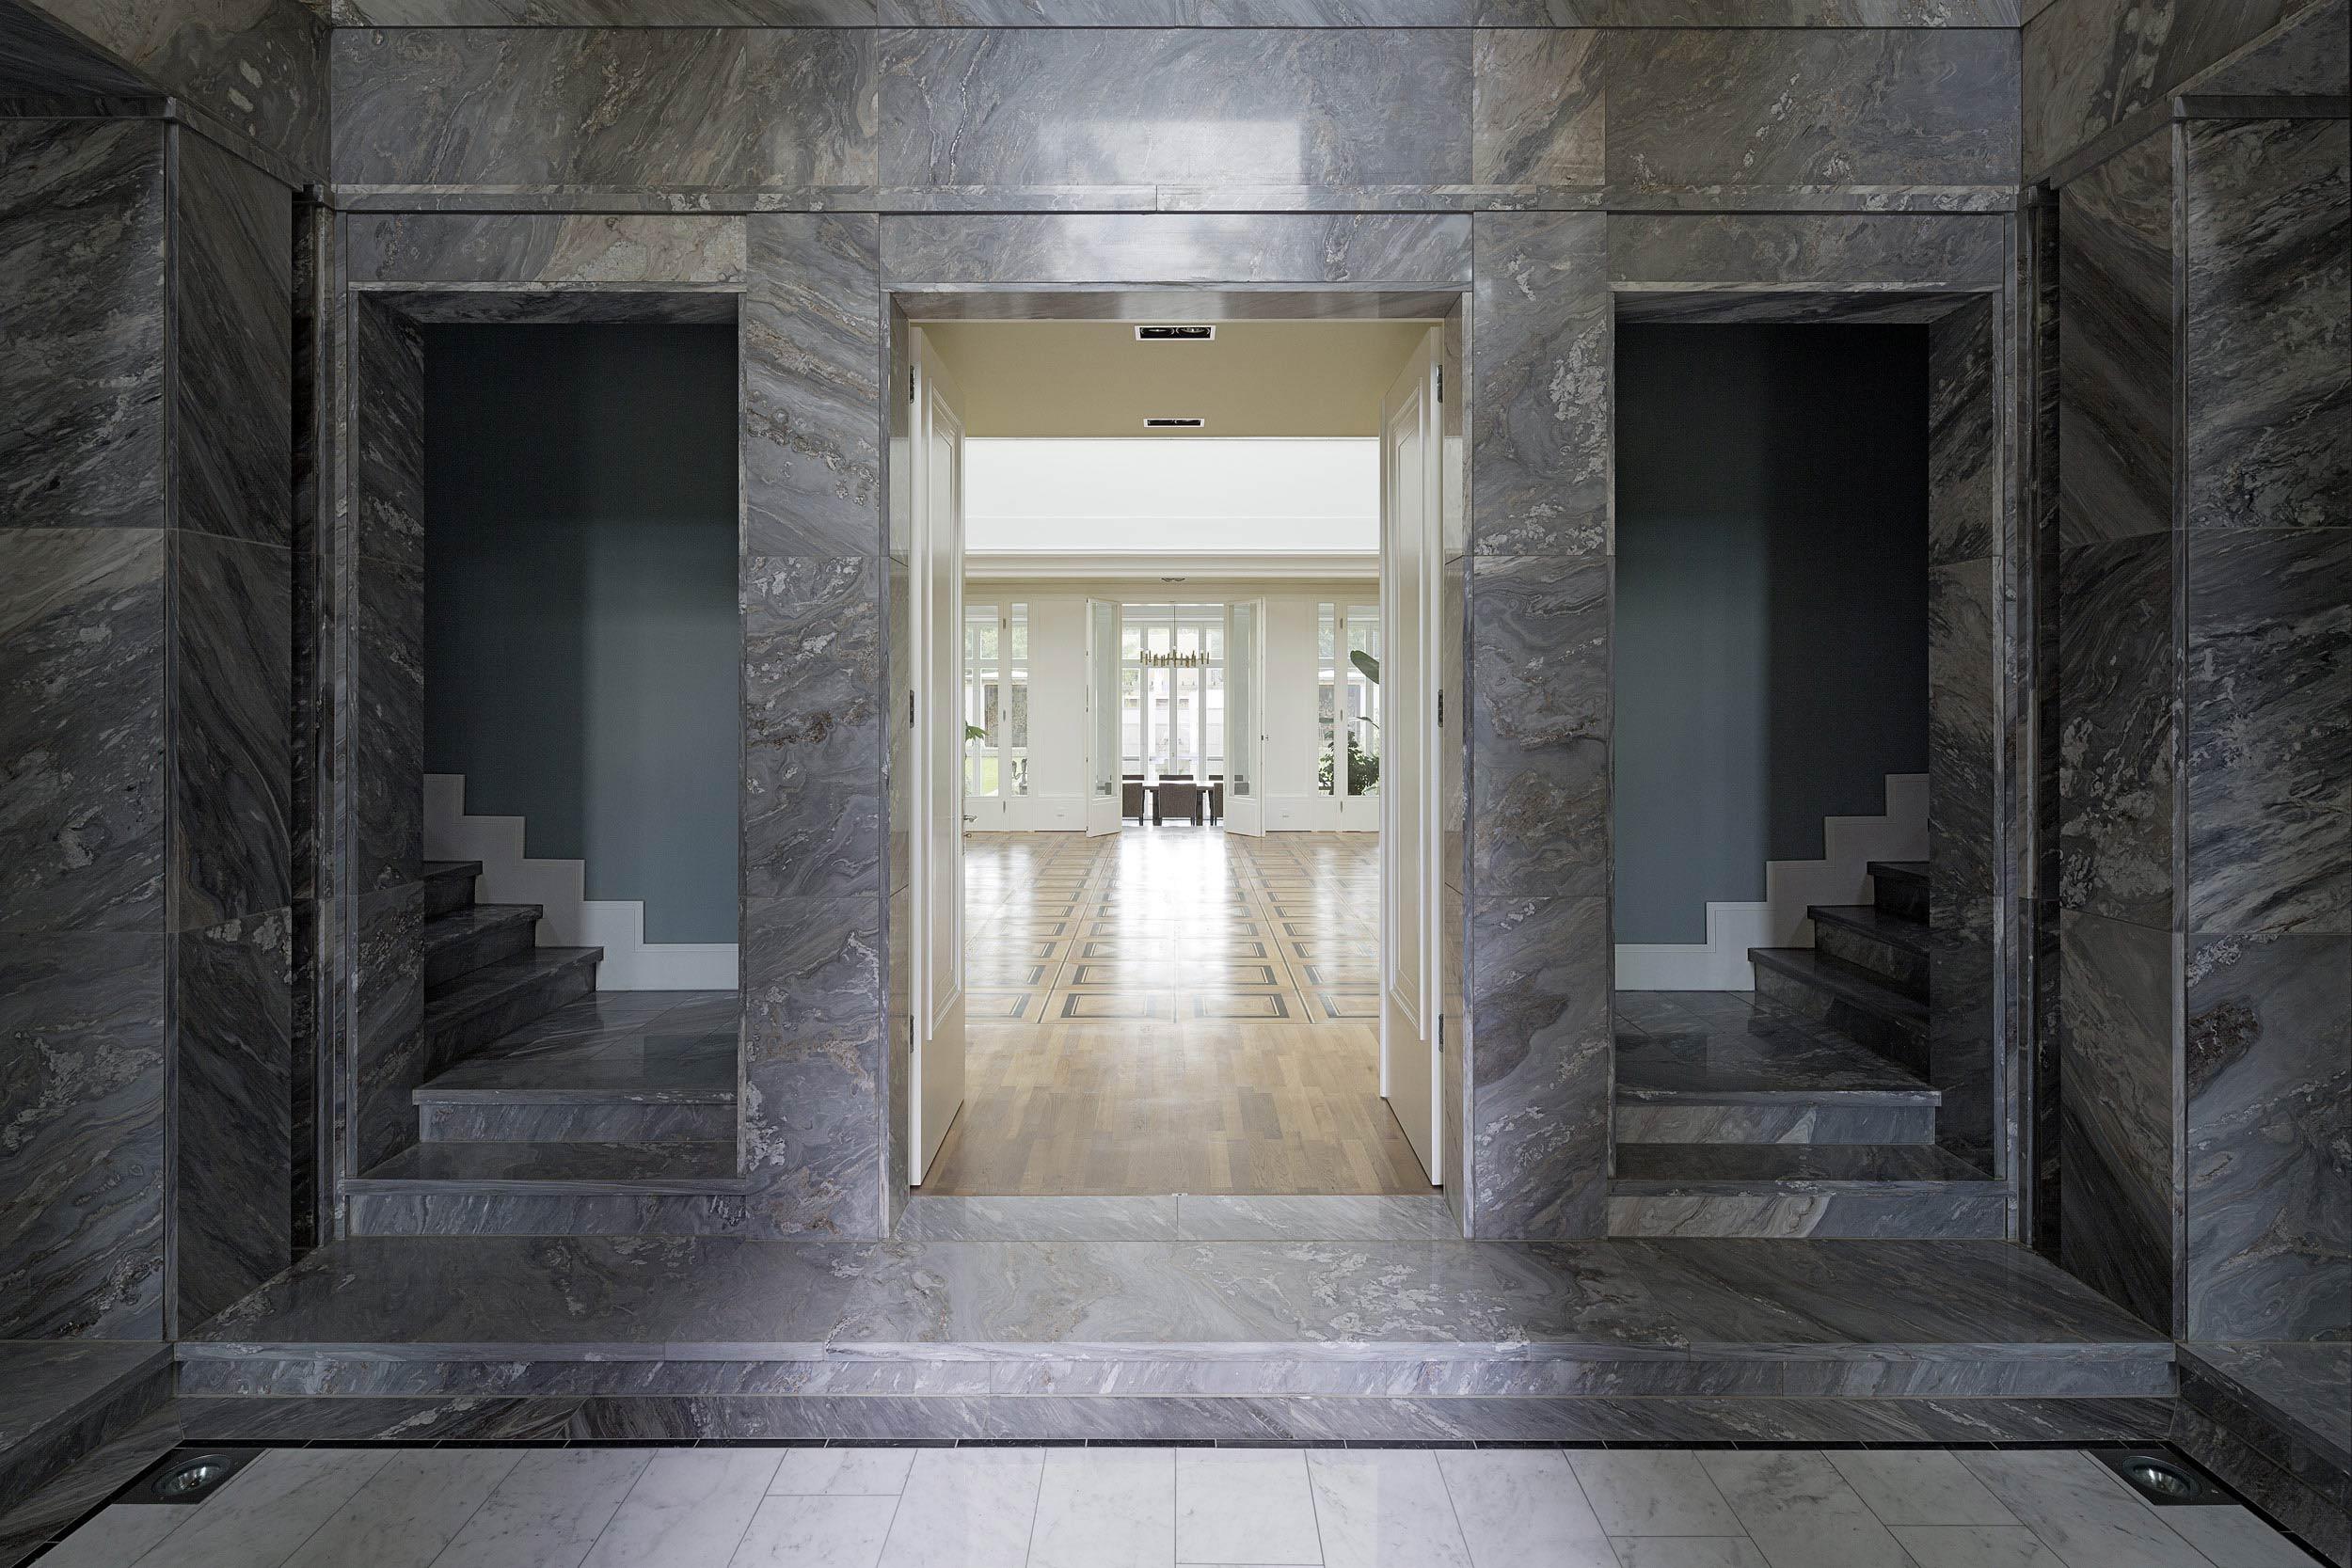 Neubau einer Villa im neoklassizistischen Stil - Portal zur Haupthalle und Treppenaufgänge aus grau poliertem Palisandro-Marmor